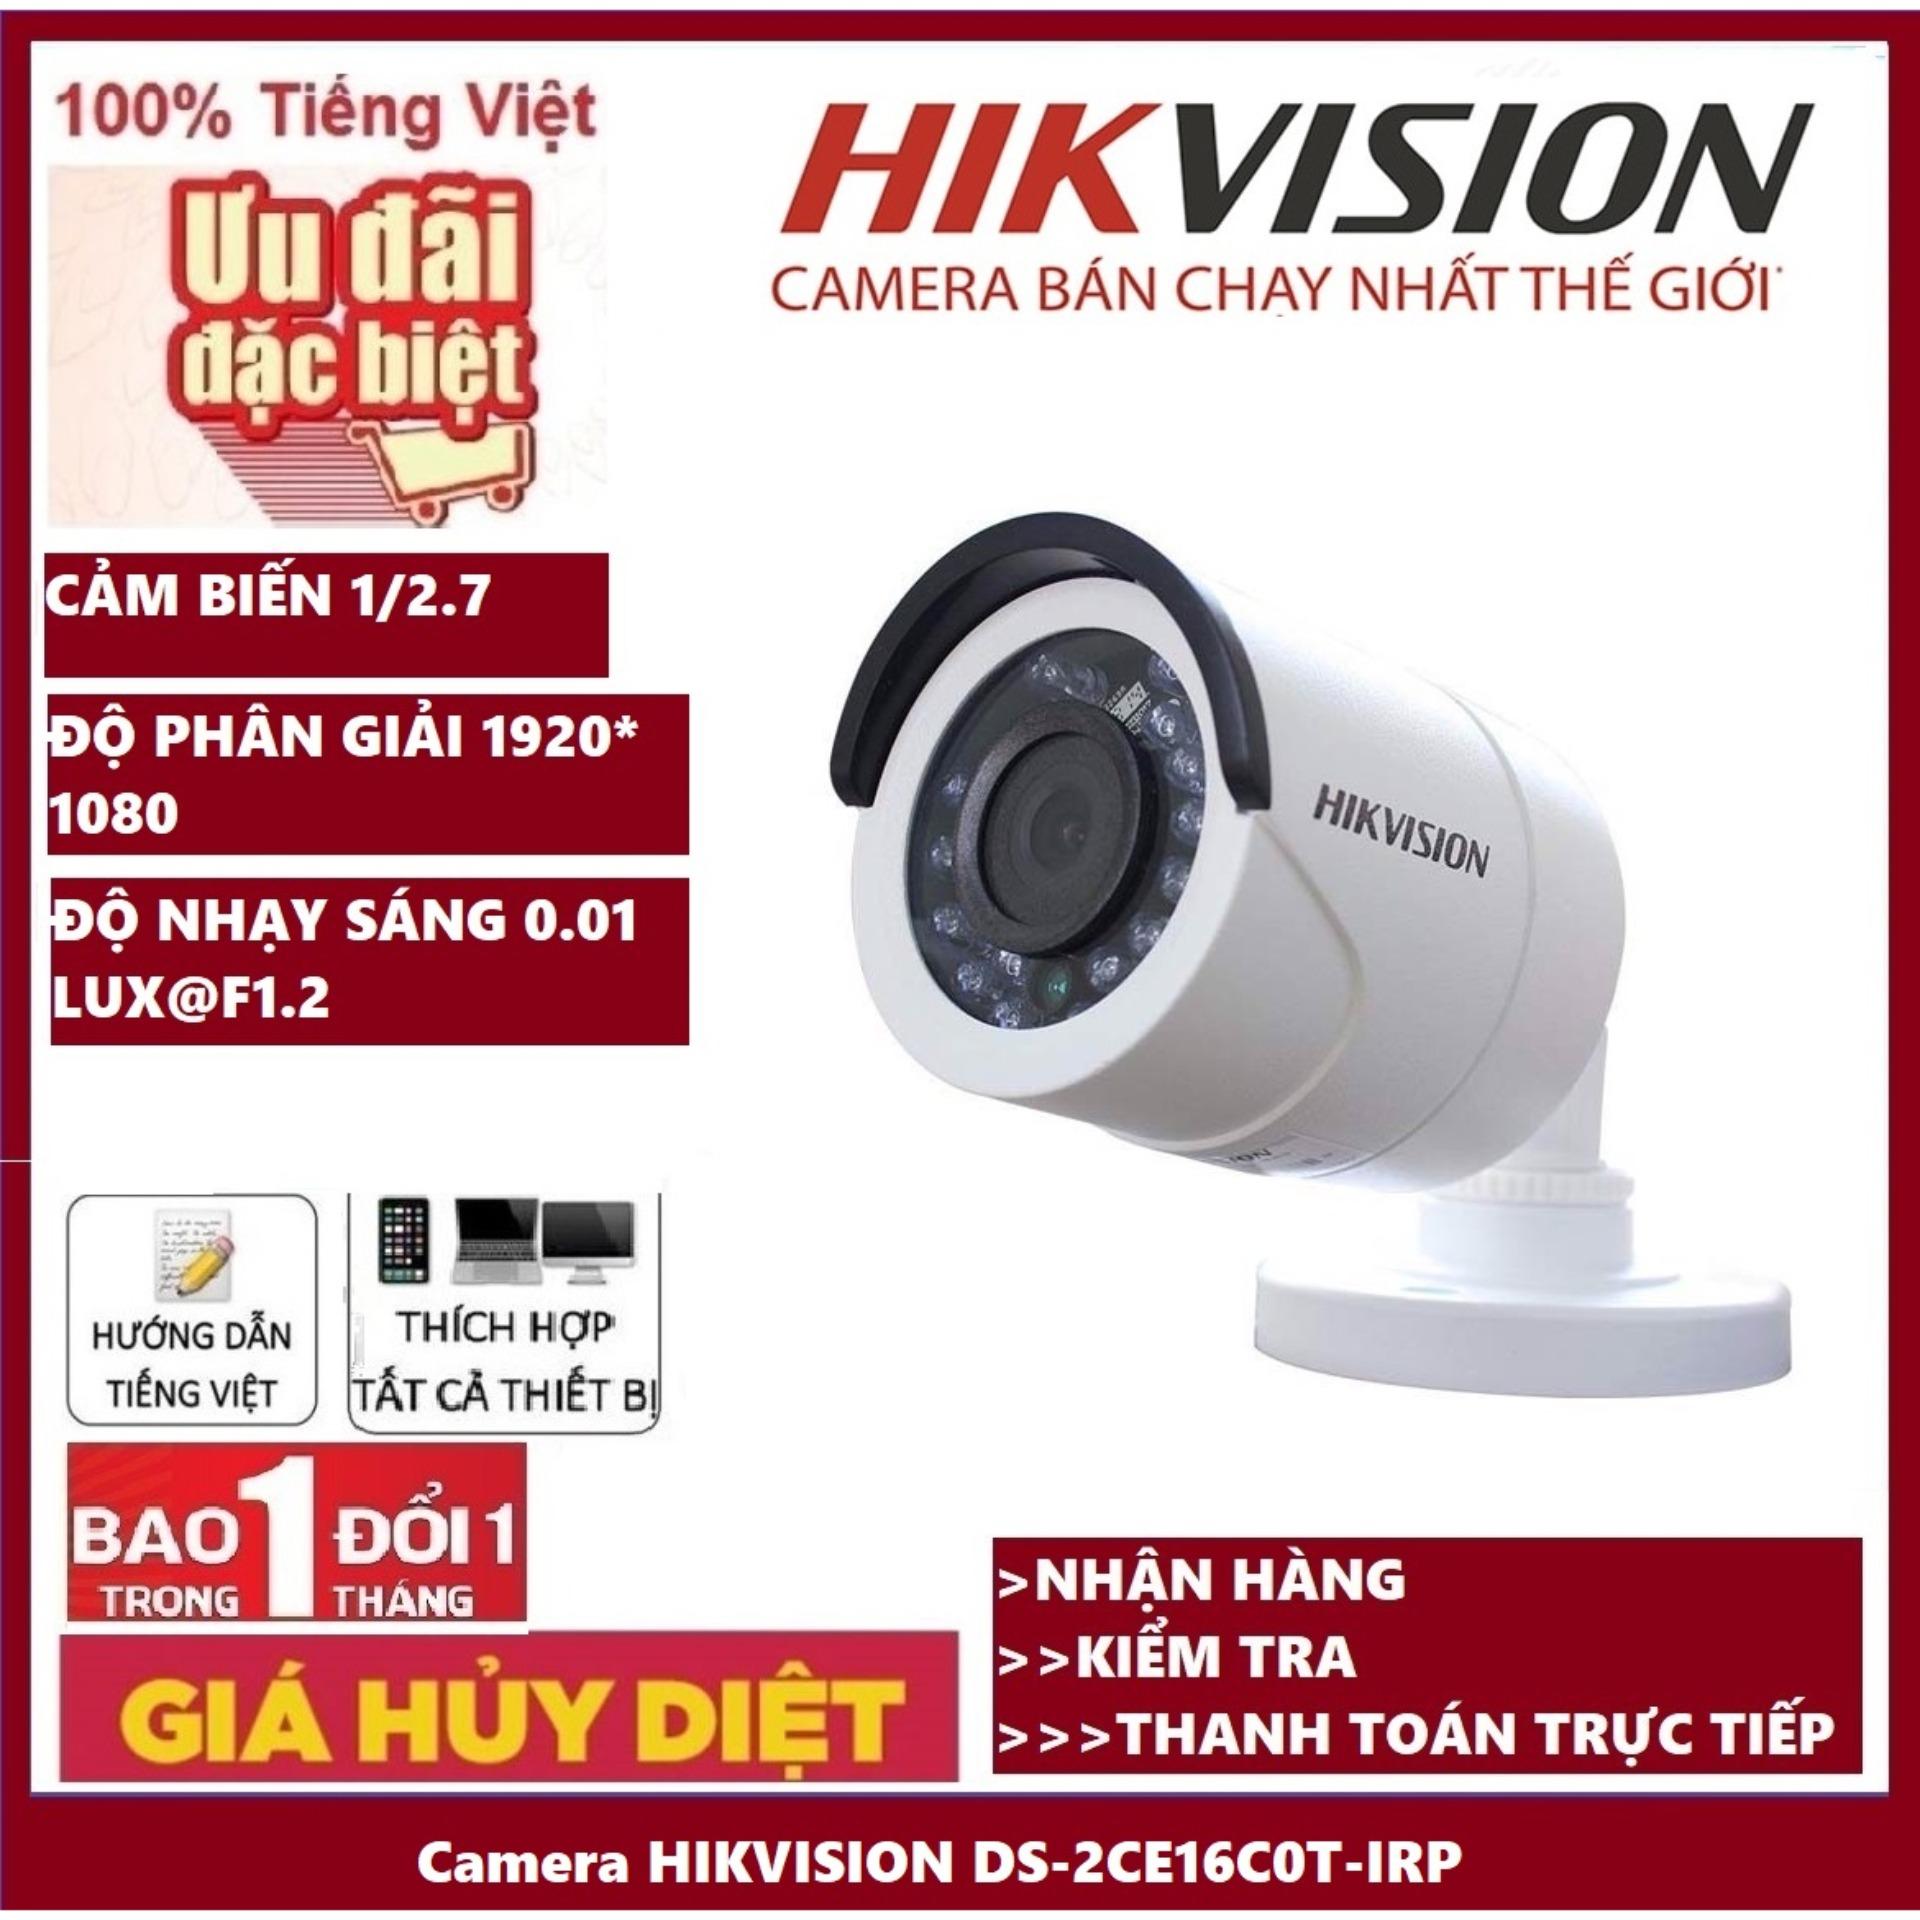 [BẢO HÀNH 24 THÁNG] Camera HIKVISION DS-2CE16C0T-IRP 1.0Mp – Camera giám sát an ninh